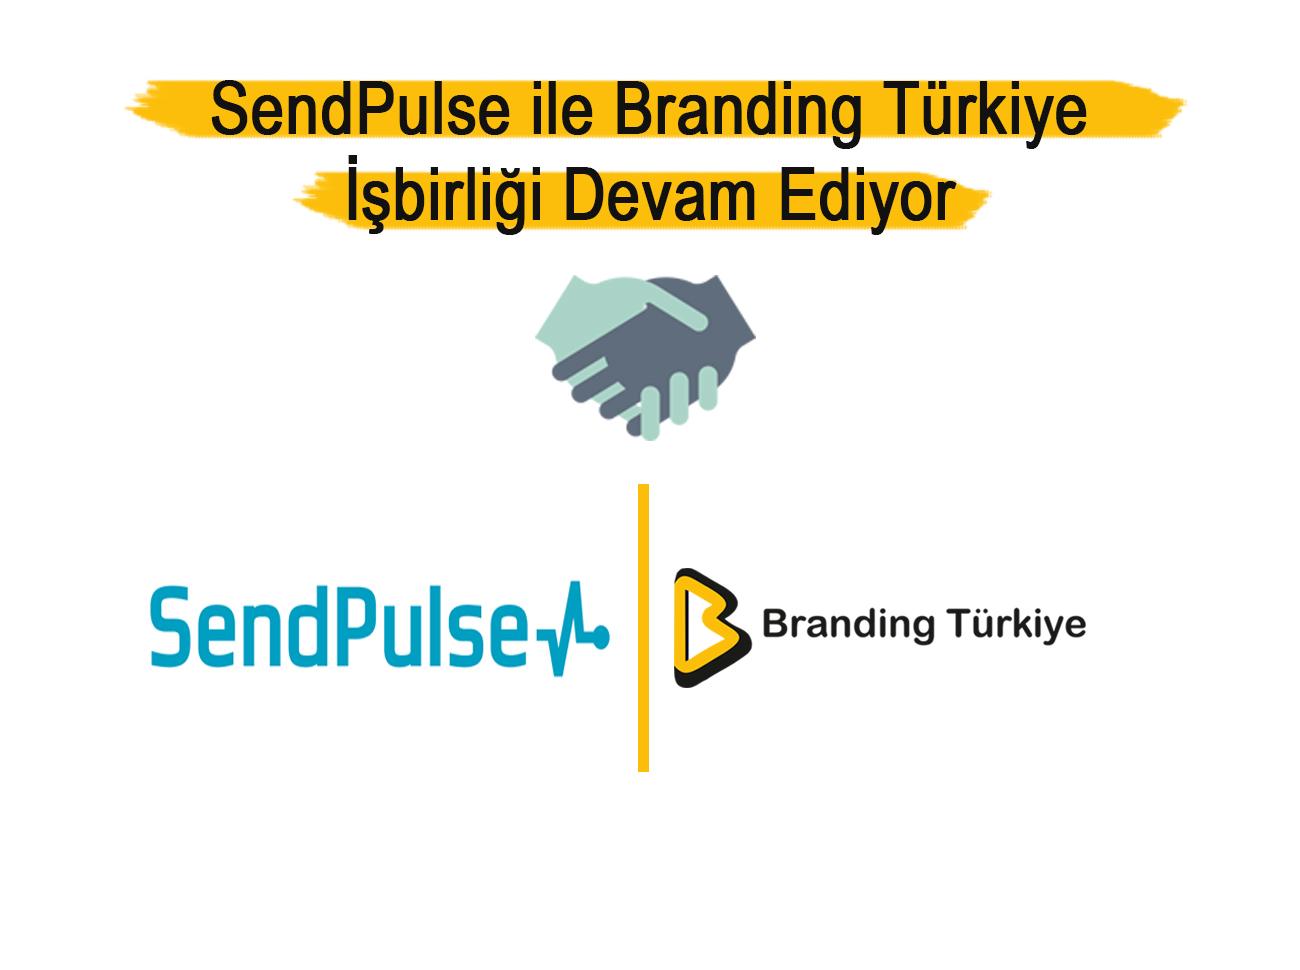 SendPulse İle Branding Türkiye İşbirliği 2. Senesinde